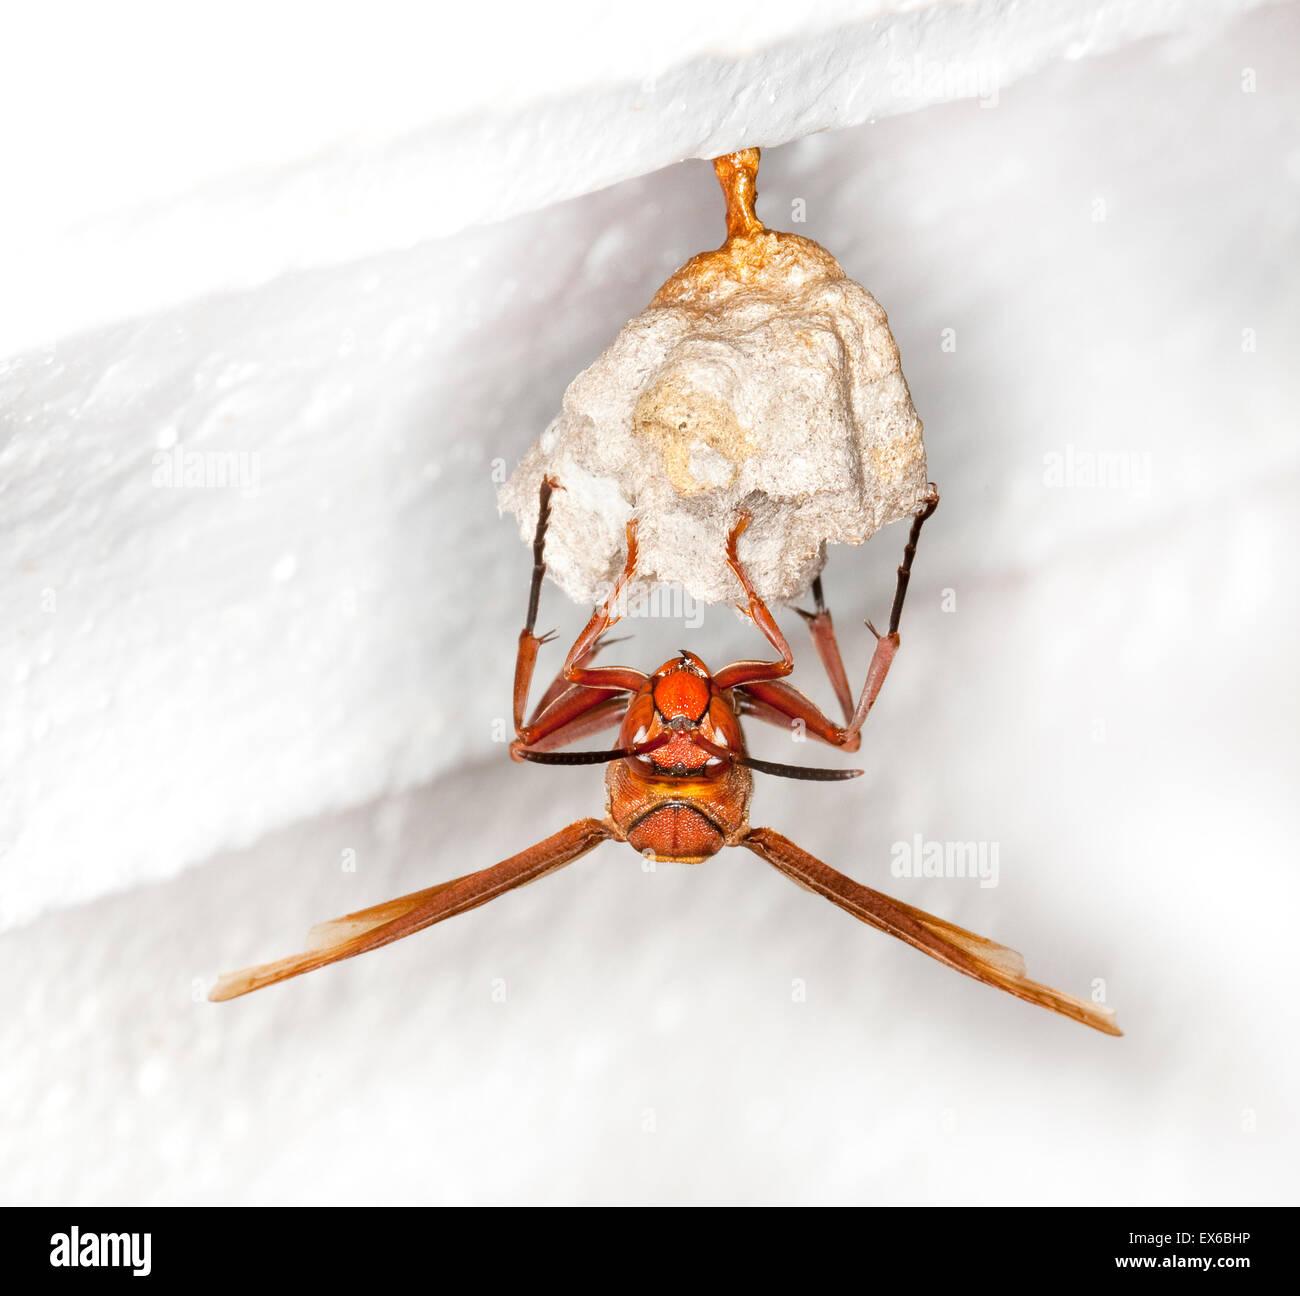 Hornet preparing paper nest, Vietnam - Stock Image